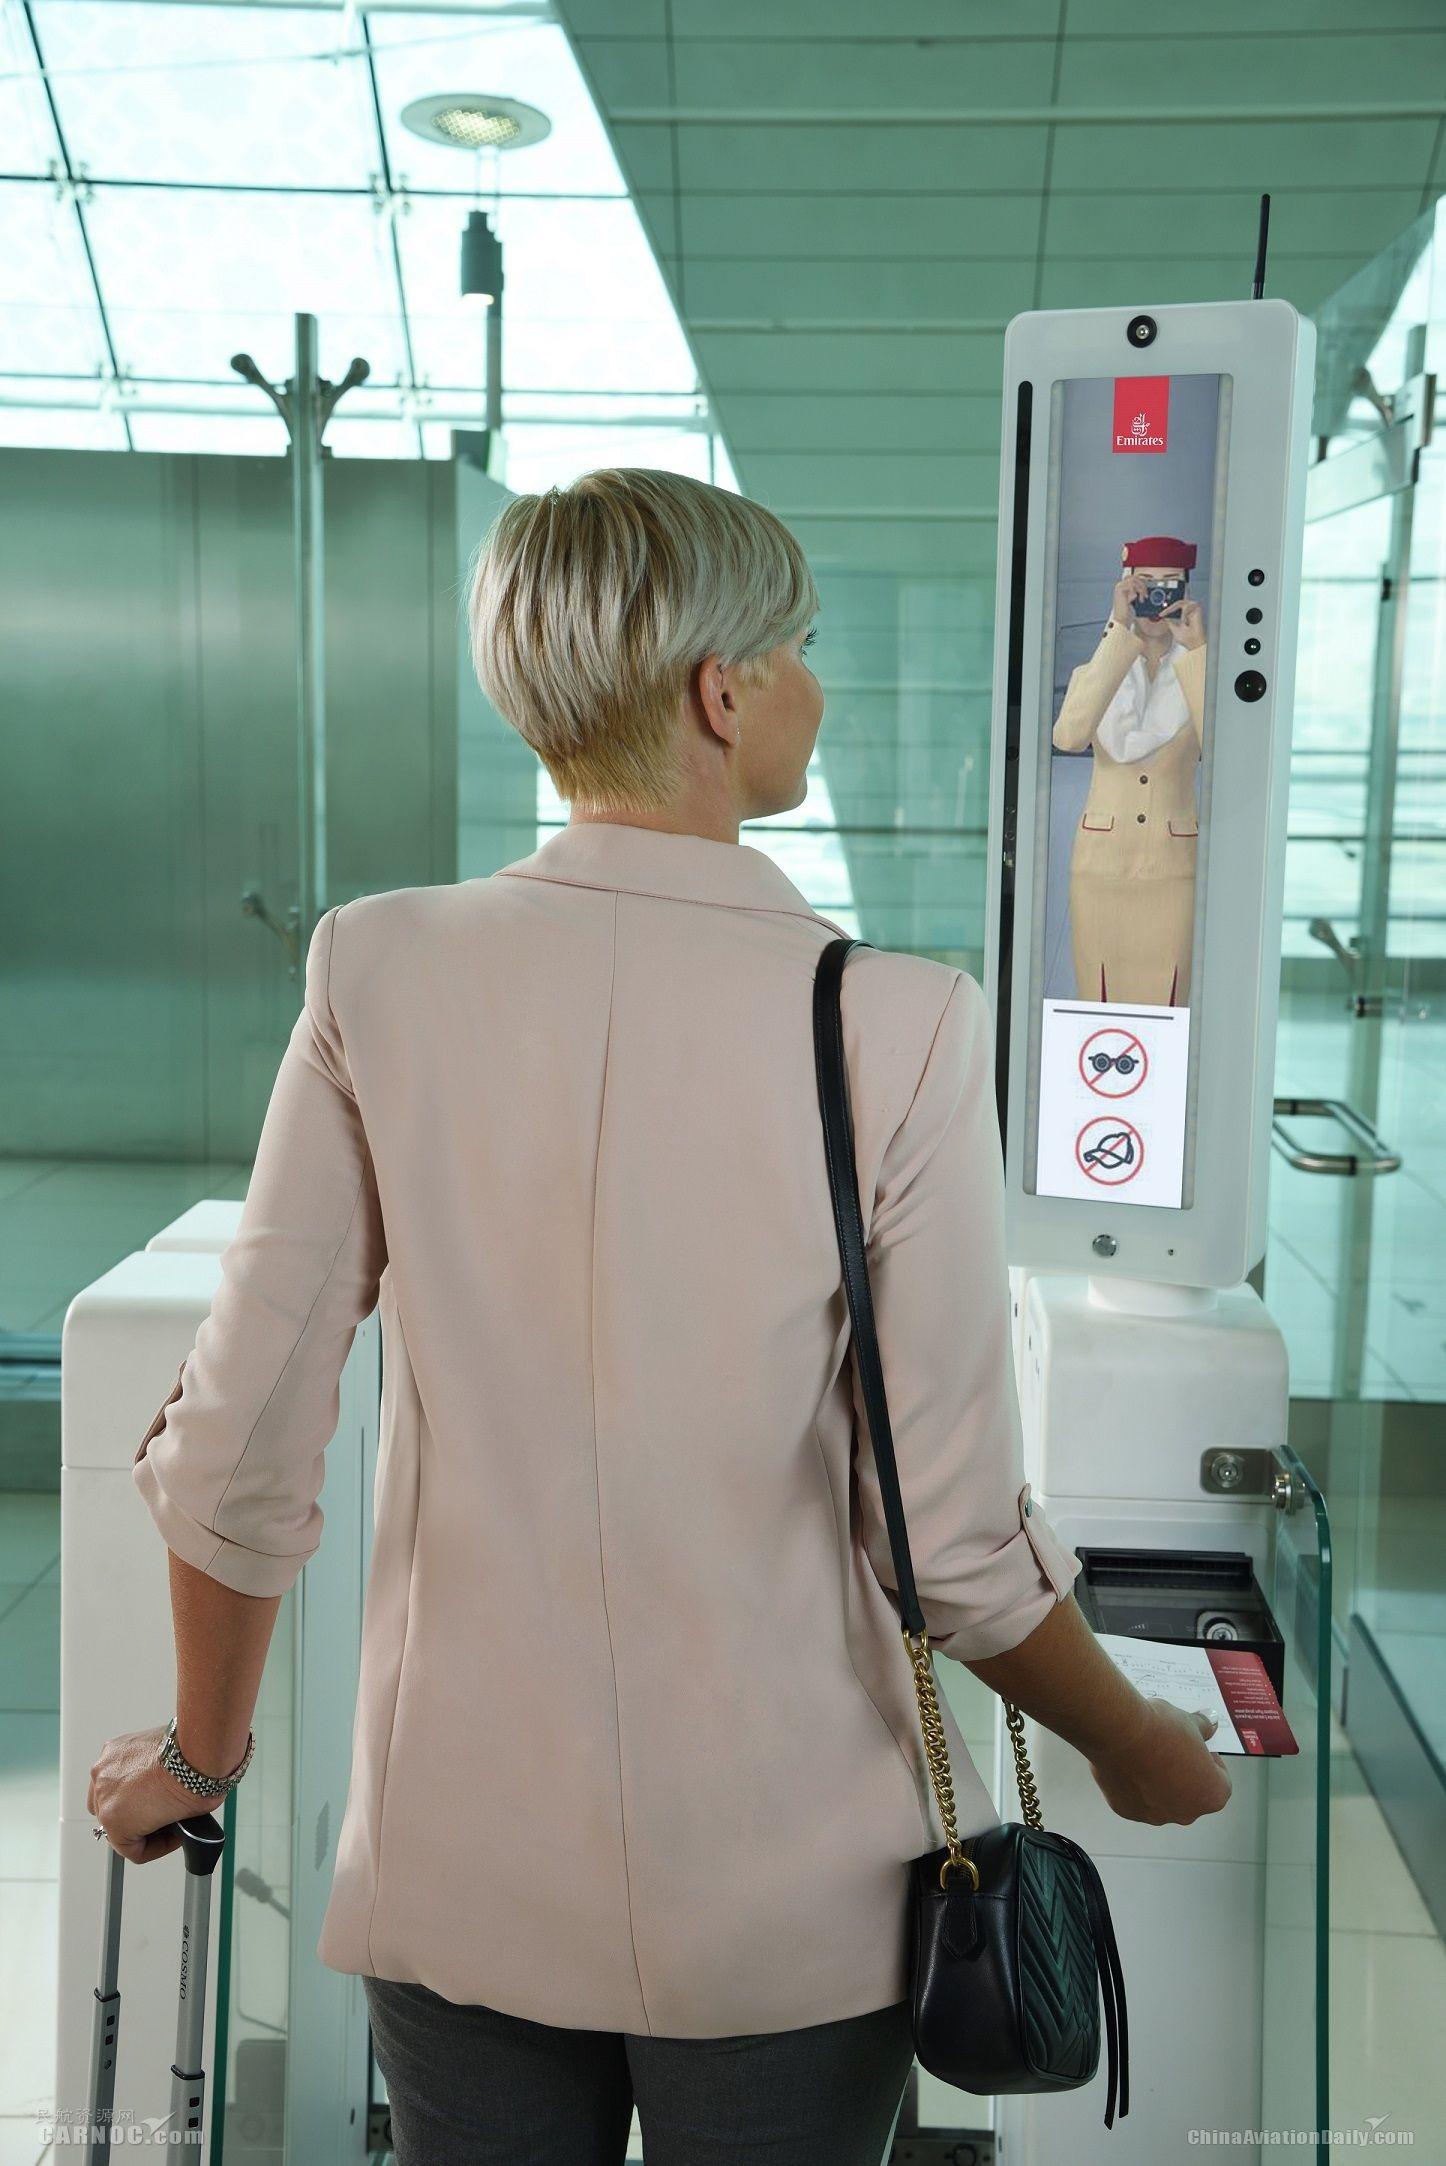 2 生物识别设施为阿联酋航空乘客提供便捷机场体验